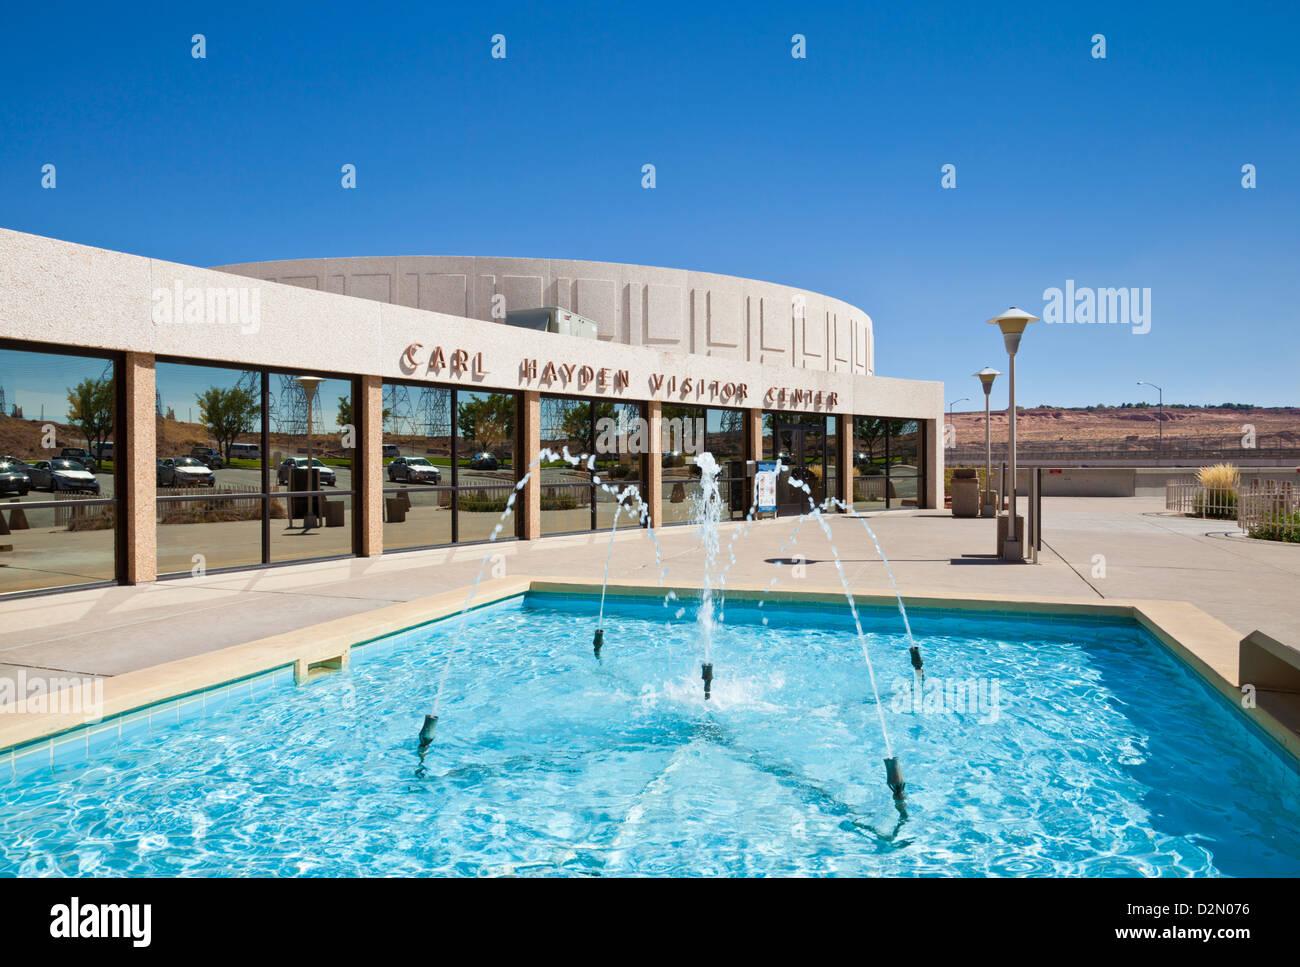 Carl Hayden Besucherzentrum am Glen Canyon Dam, in der Nähe von Page, Arizona, Vereinigte Staaten von Amerika, Stockbild